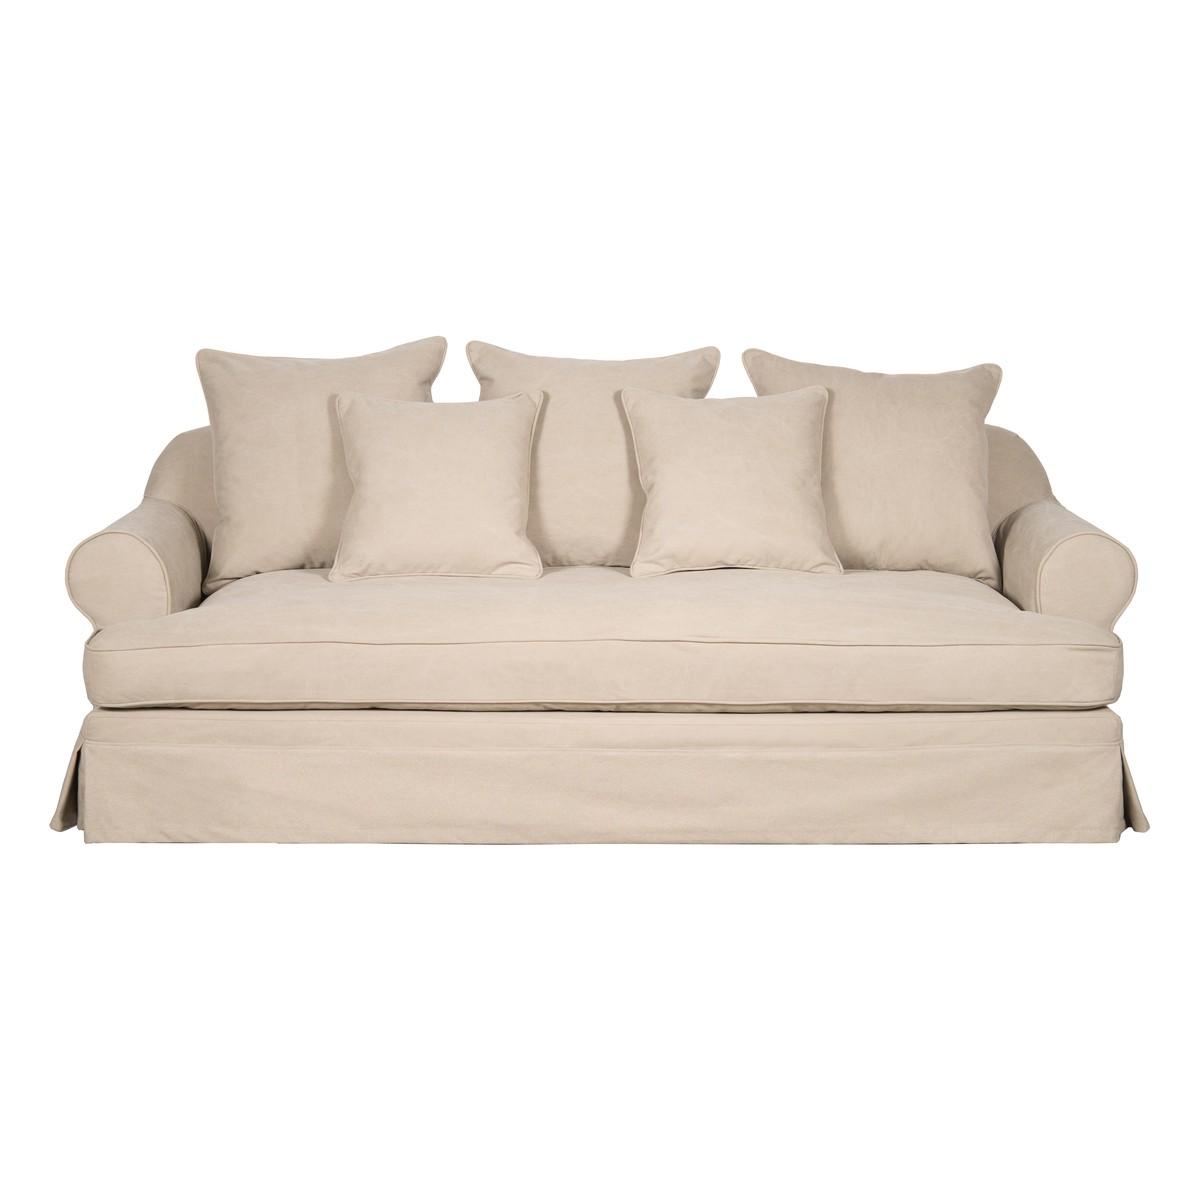 Canapé Multi Couleur à pr interiors belinda canapé belinda 3.5 places a multi-couleurs